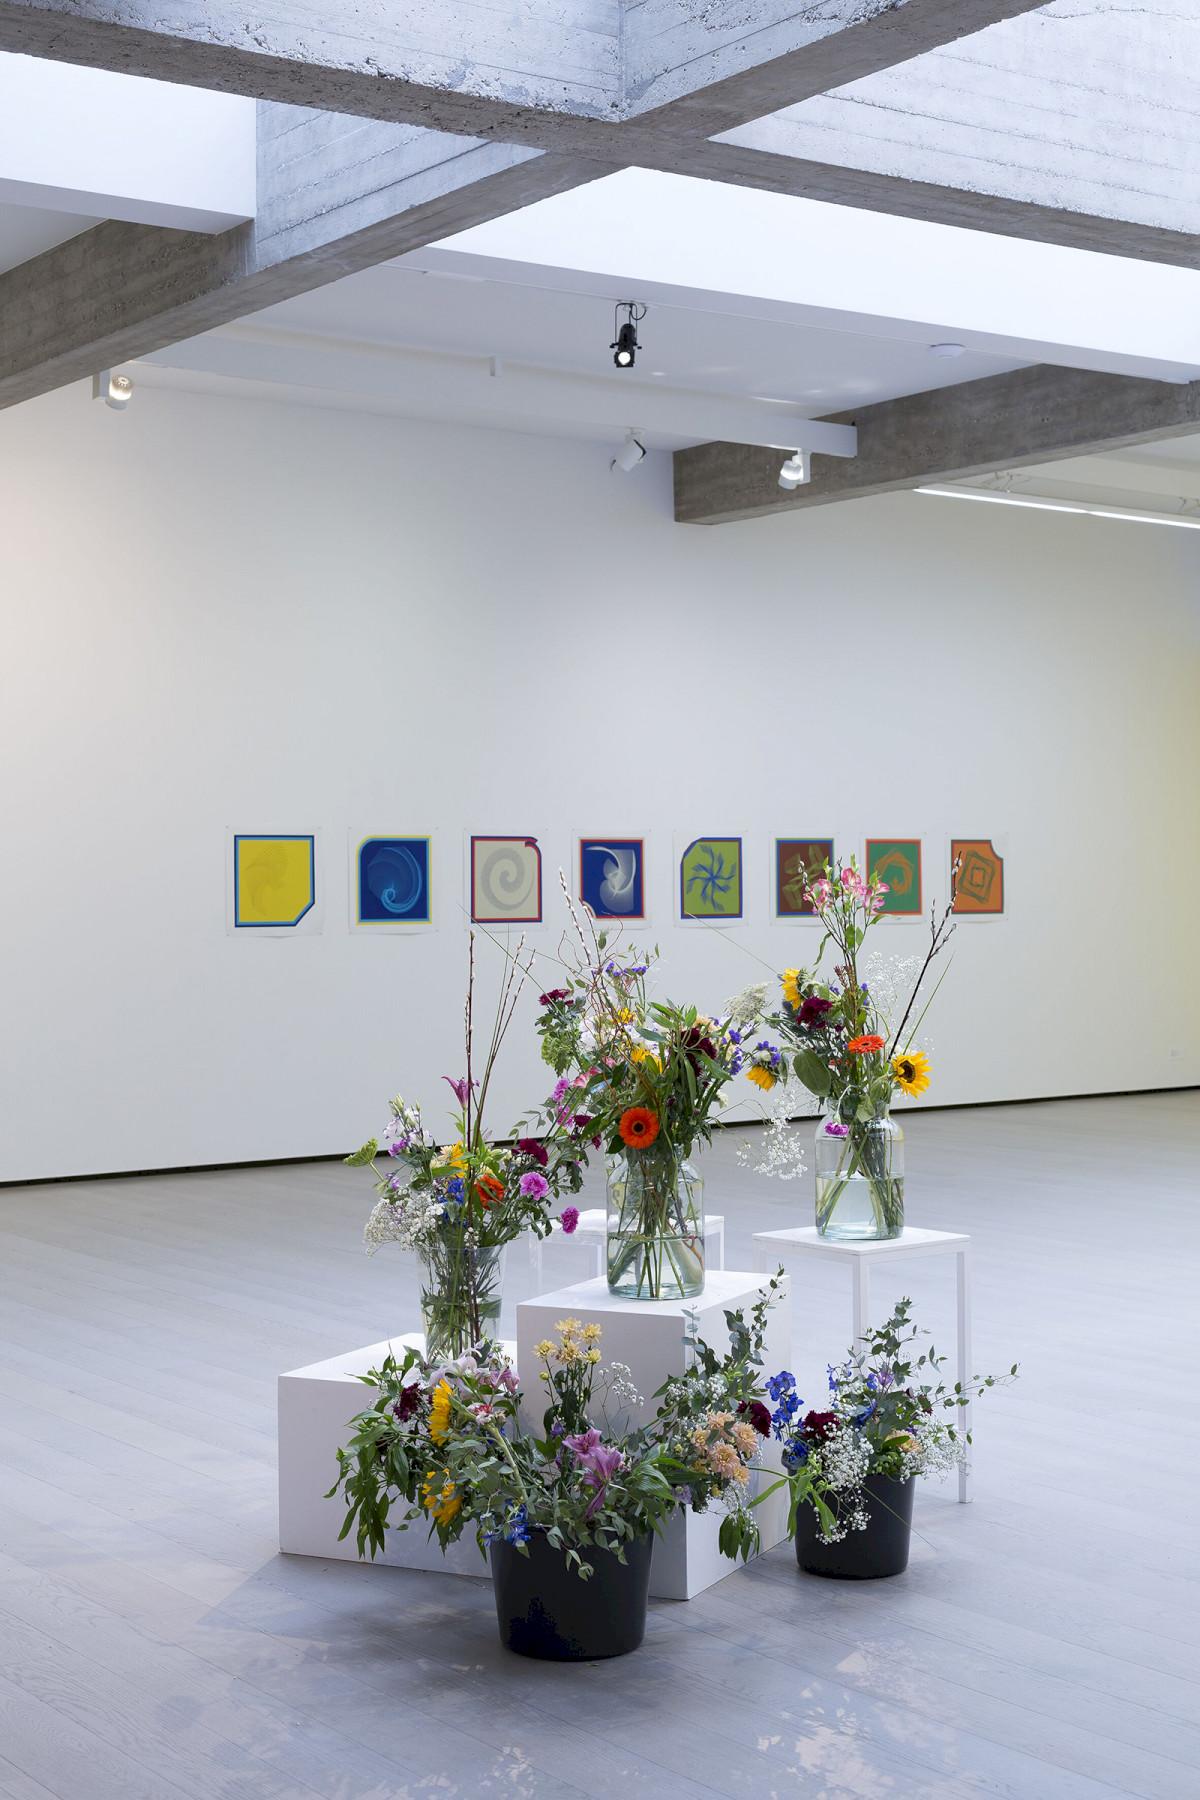 Blossom exhibition photo 1